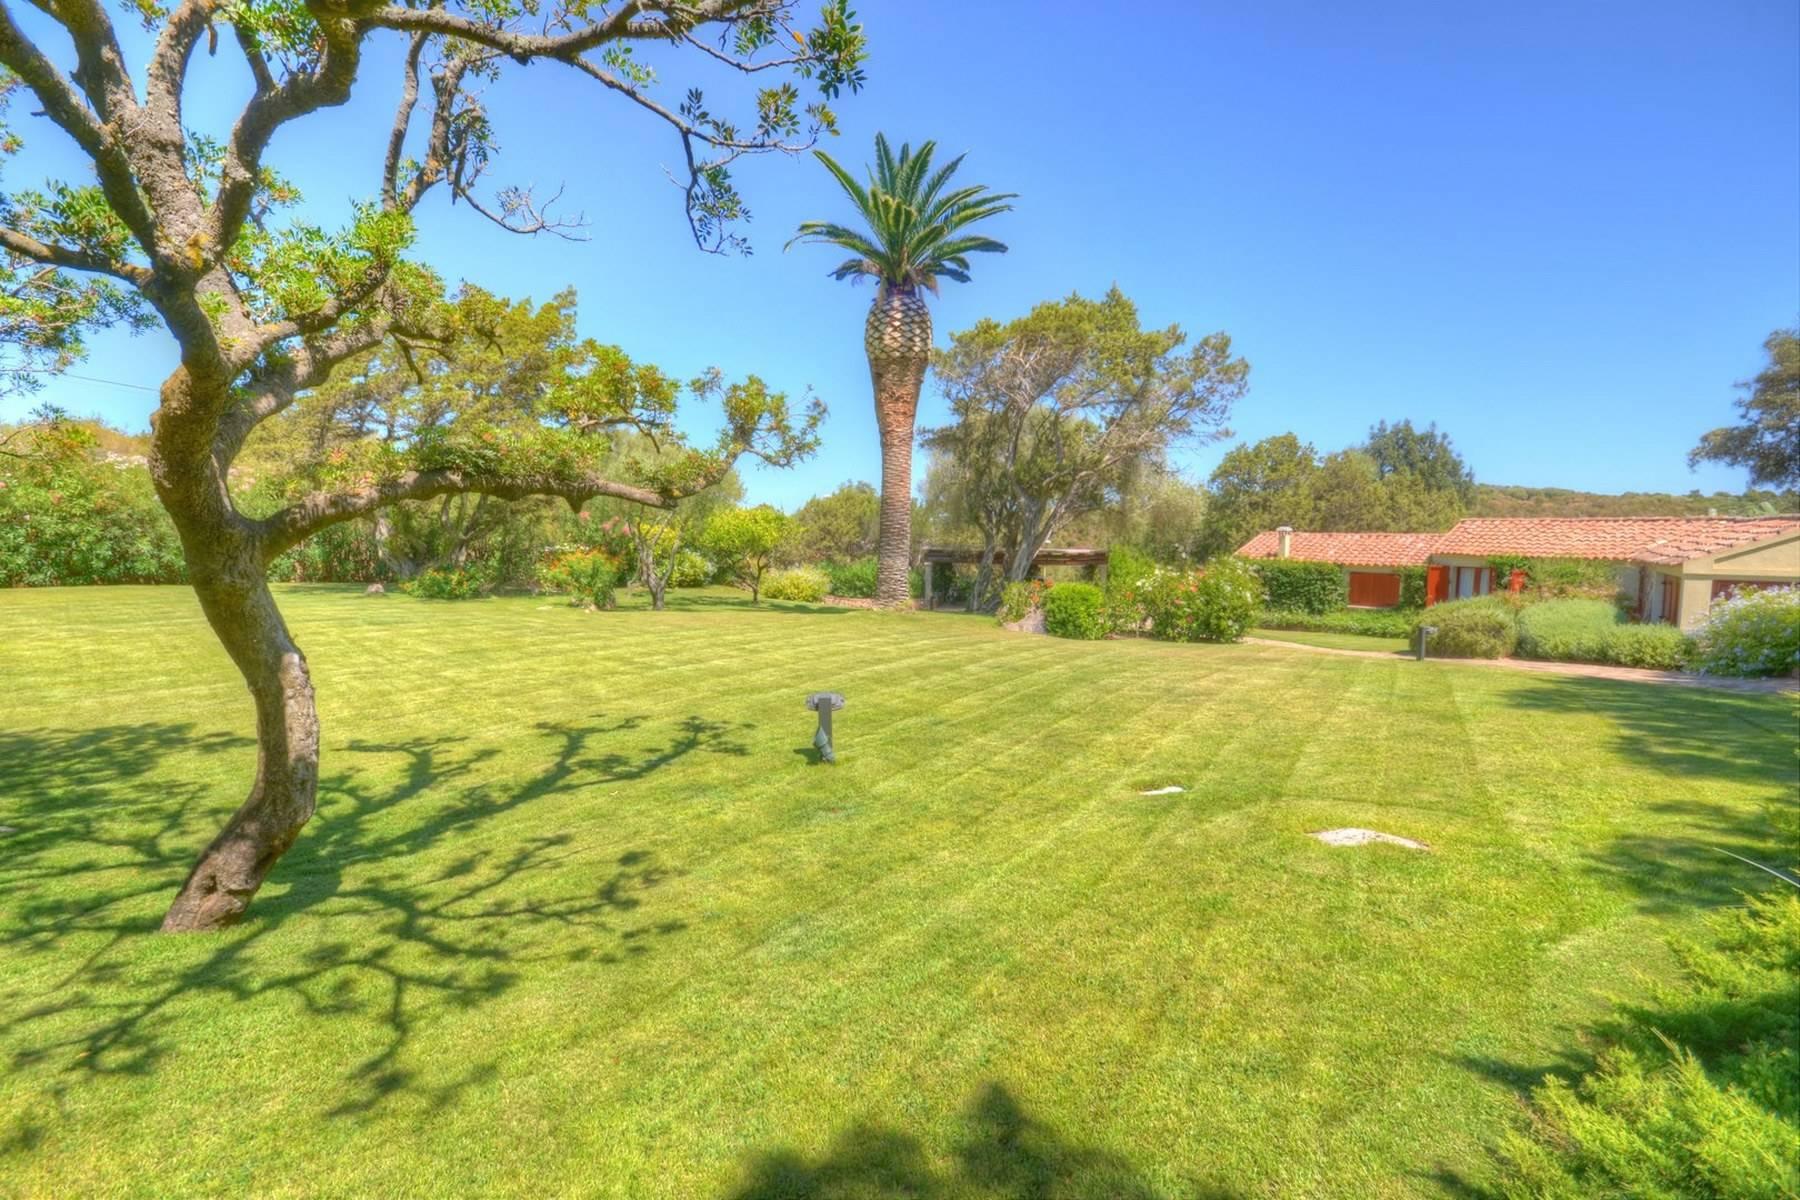 Villa in Vendita a Olbia: 5 locali, 450 mq - Foto 13